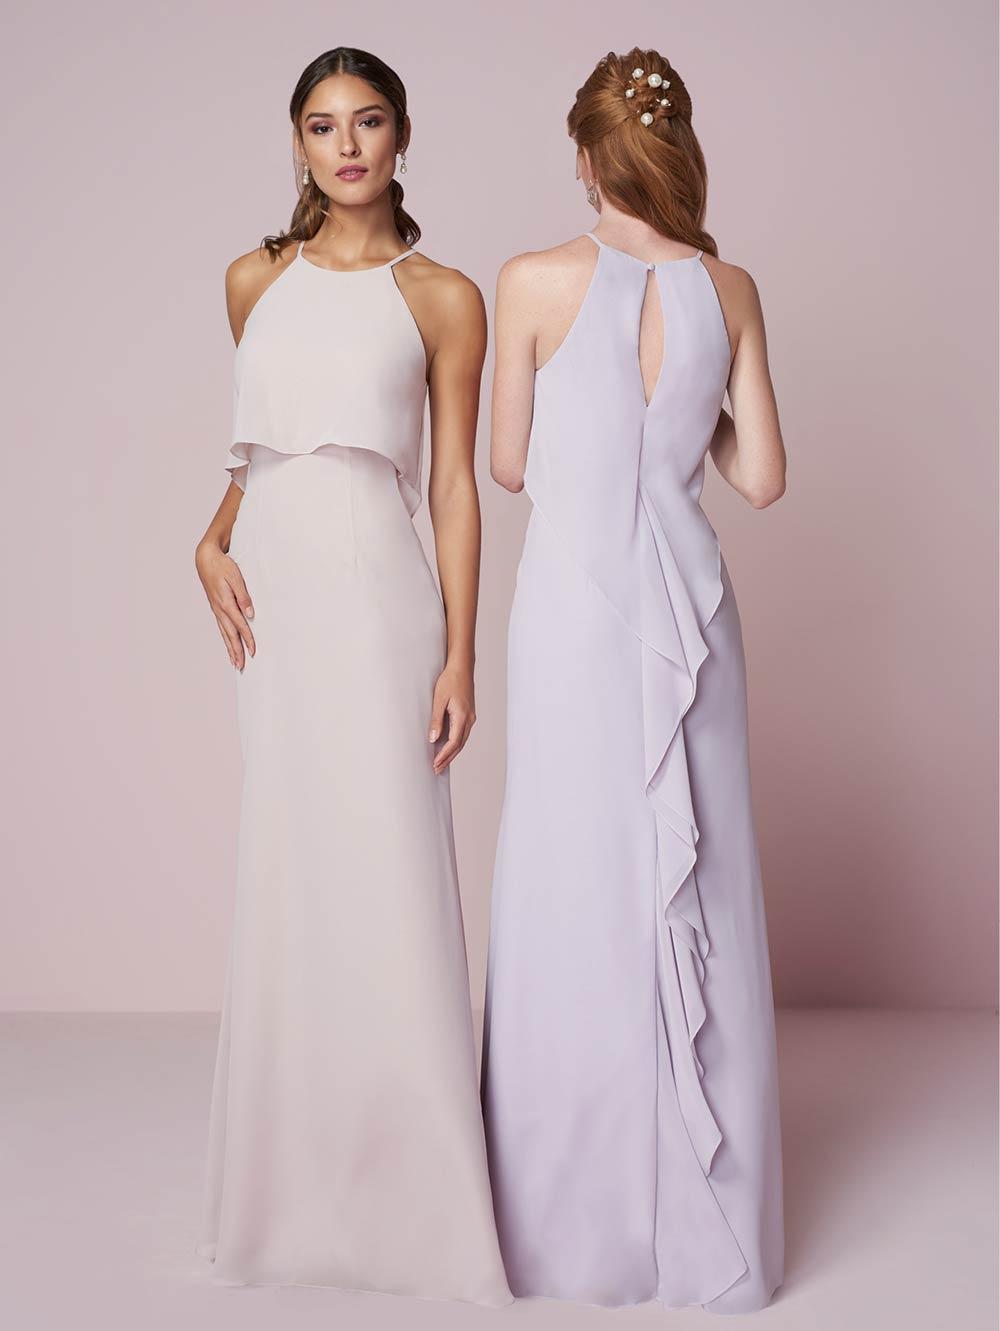 bridesmaid-dresses-jacquelin-bridals-canada-27783